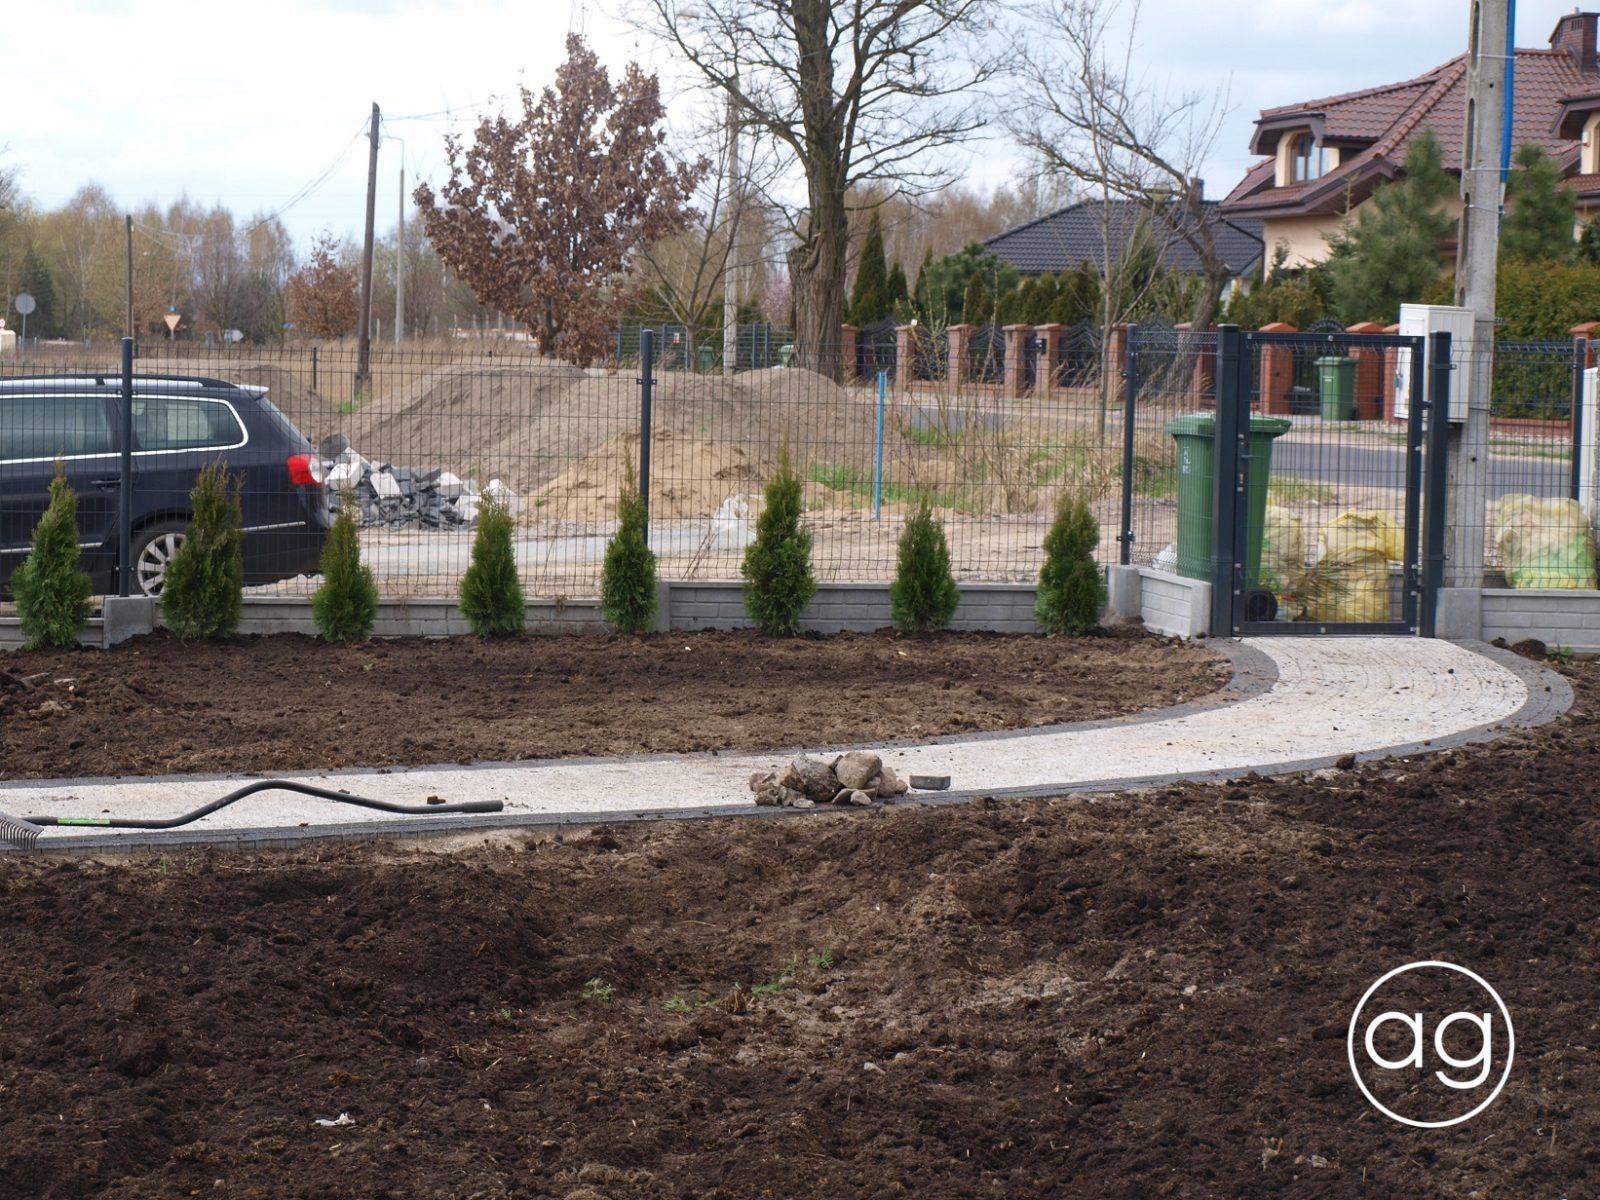 projektowanie ogrodów, ogród wZłotorii, Agnieszka Gertner, agnieszkagertnerblog, tuja, thuja, sadzenie roślin